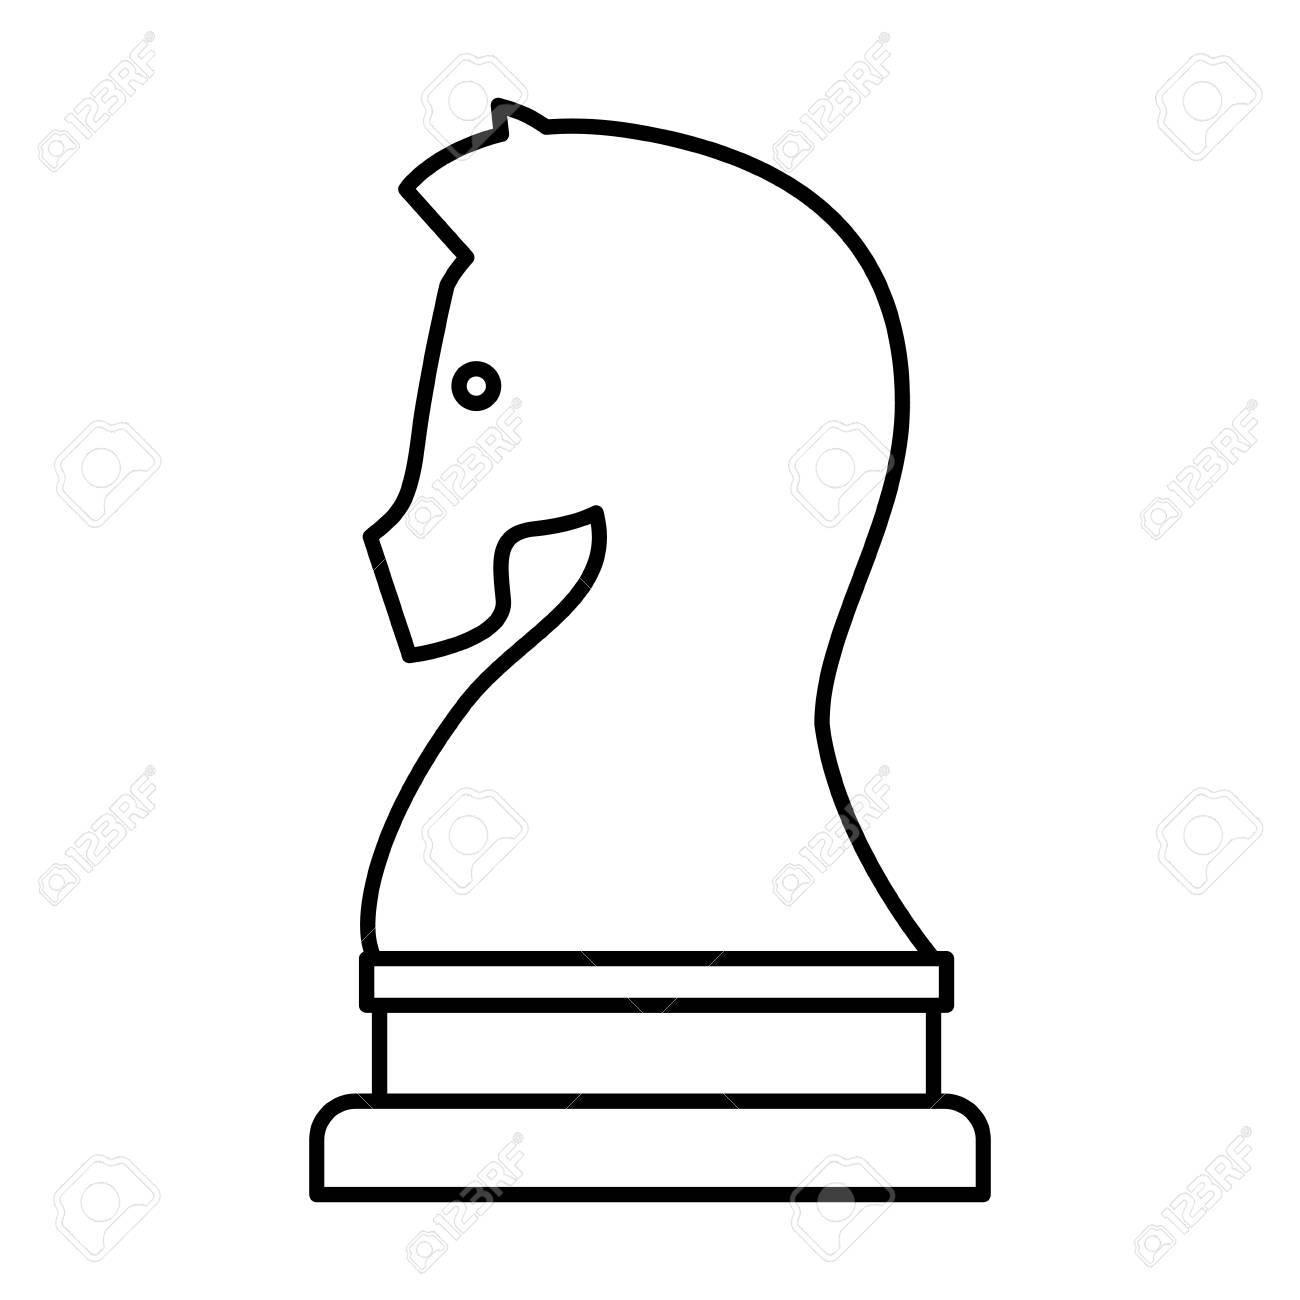 馬ワンピース チェス分離アイコン ベクトル イラスト デザインのイラスト